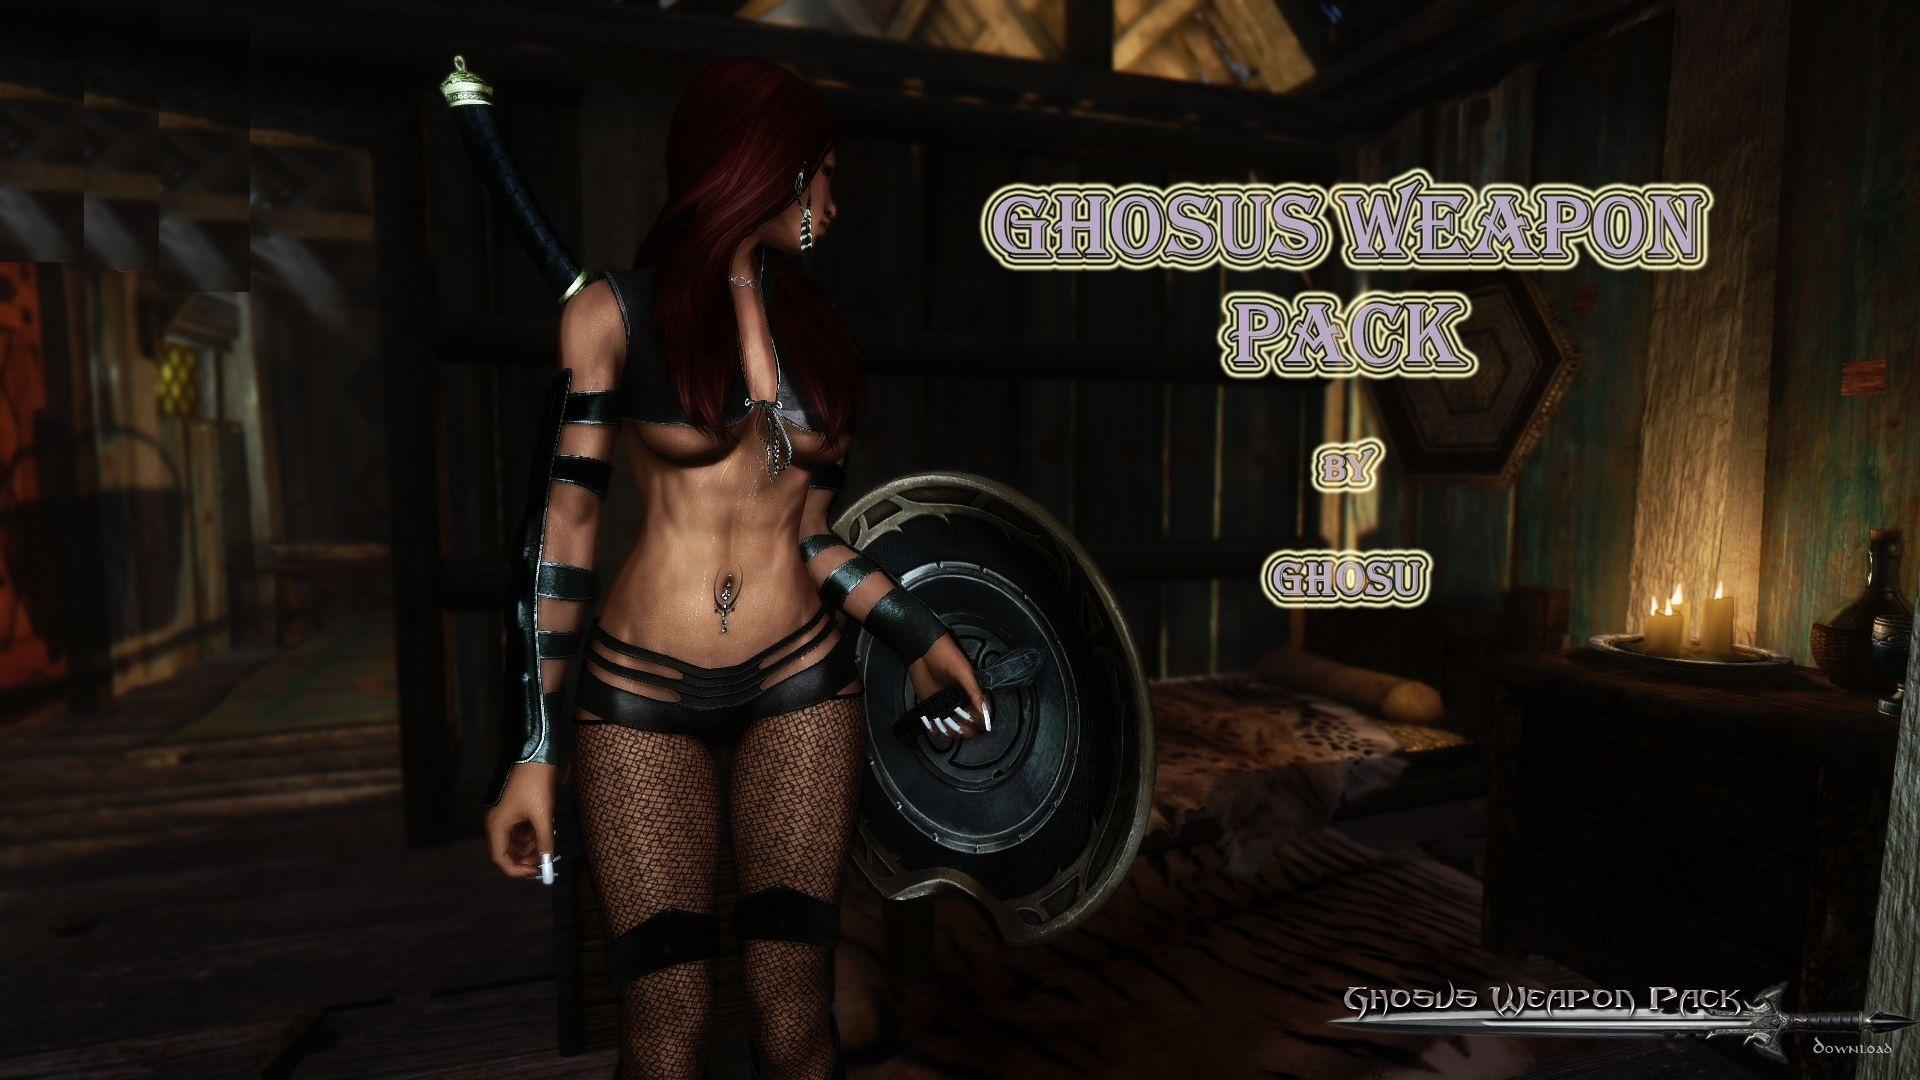 Ghosus_Weapon_Pack.jpg